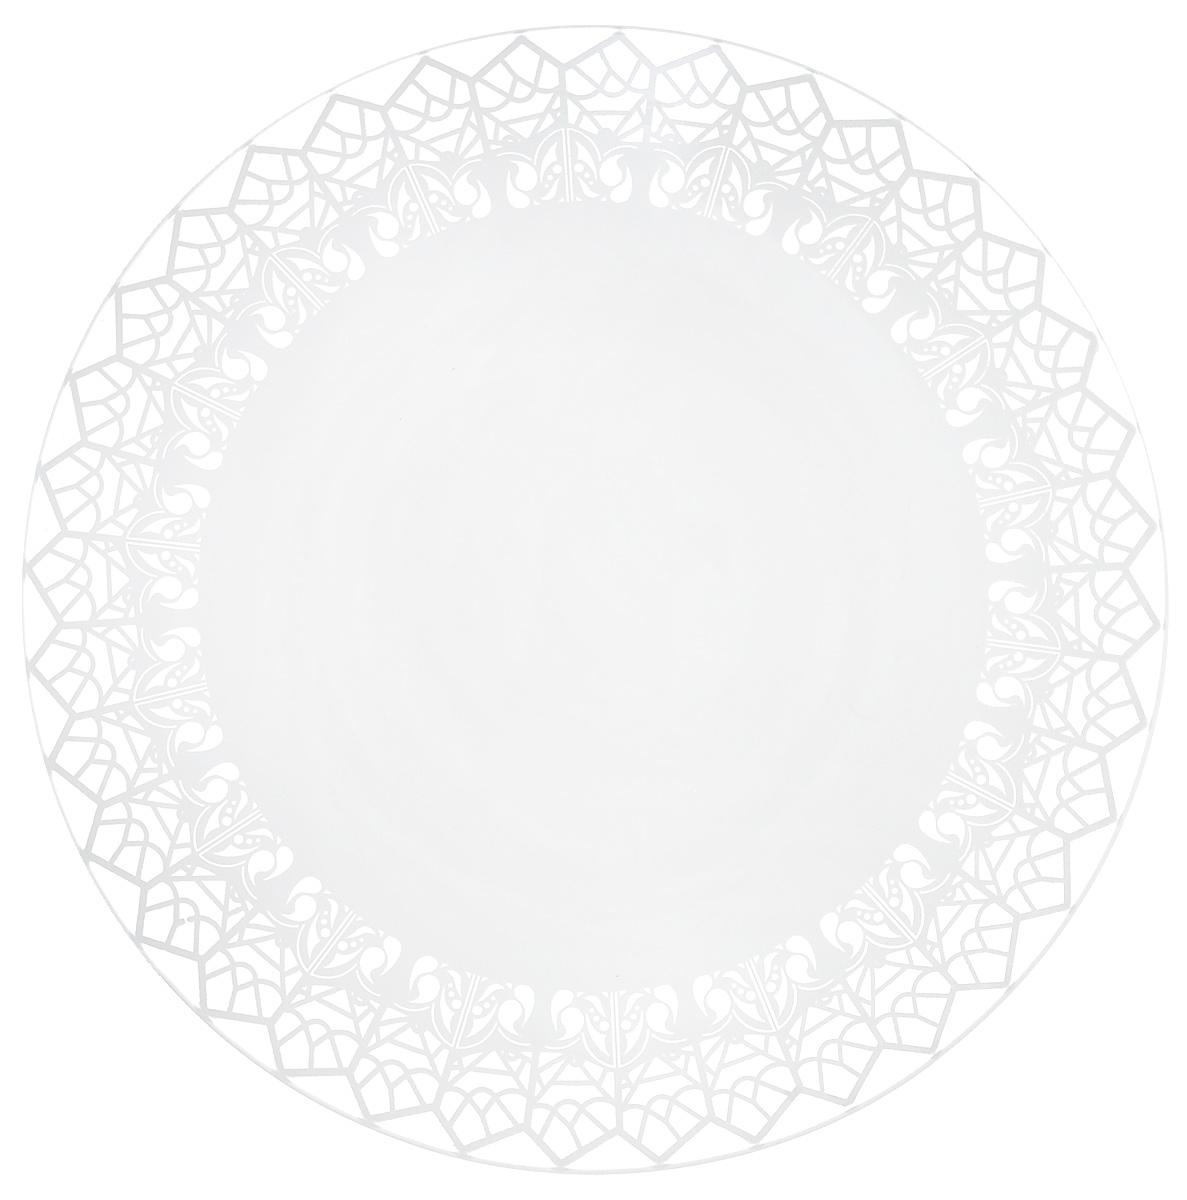 Тарелка десертная NiNaGlass Кружево 7, цвет: белый, диаметр 20 см85-200-147пб7Тарелка NiNaGlass Кружево выполнена из высококачественного стекла и декорирована под Вологодское кружево. Тарелка идеальна для подачи вторых блюд, а также сервировки закусок, нарезок, салатов, овощей и фруктов. Она отлично подойдет как для повседневных, так и для торжественных случаев. Такая тарелка прекрасно впишется в интерьер вашей кухни и станет достойным дополнением к кухонному инвентарю.